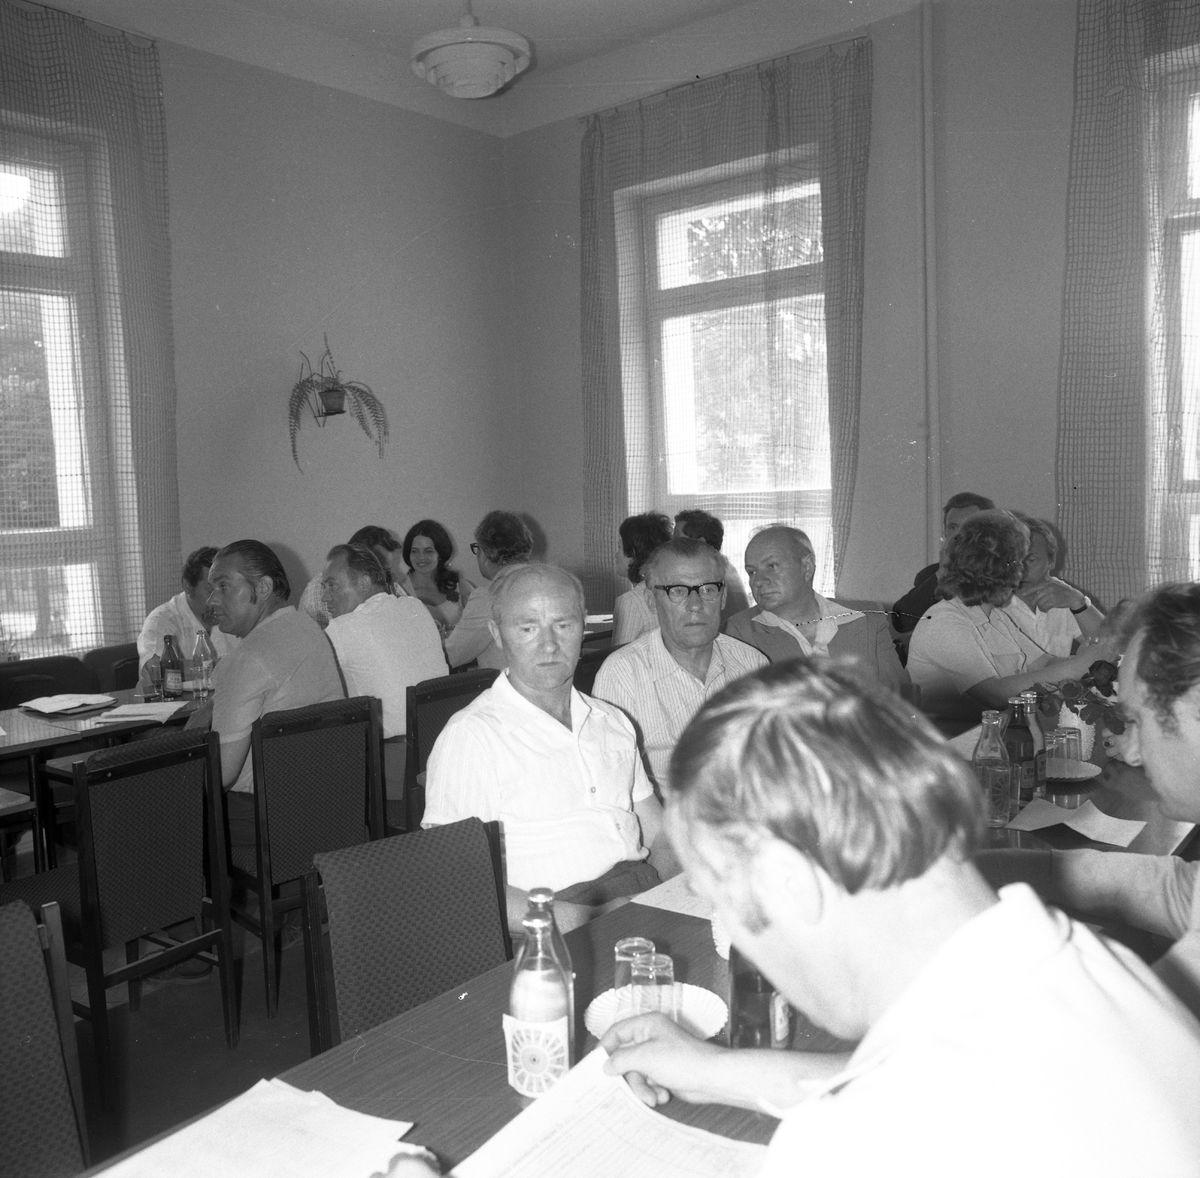 Uroczysta Sesja Miejskiej Rady Narodowej, 1975 r. [9]